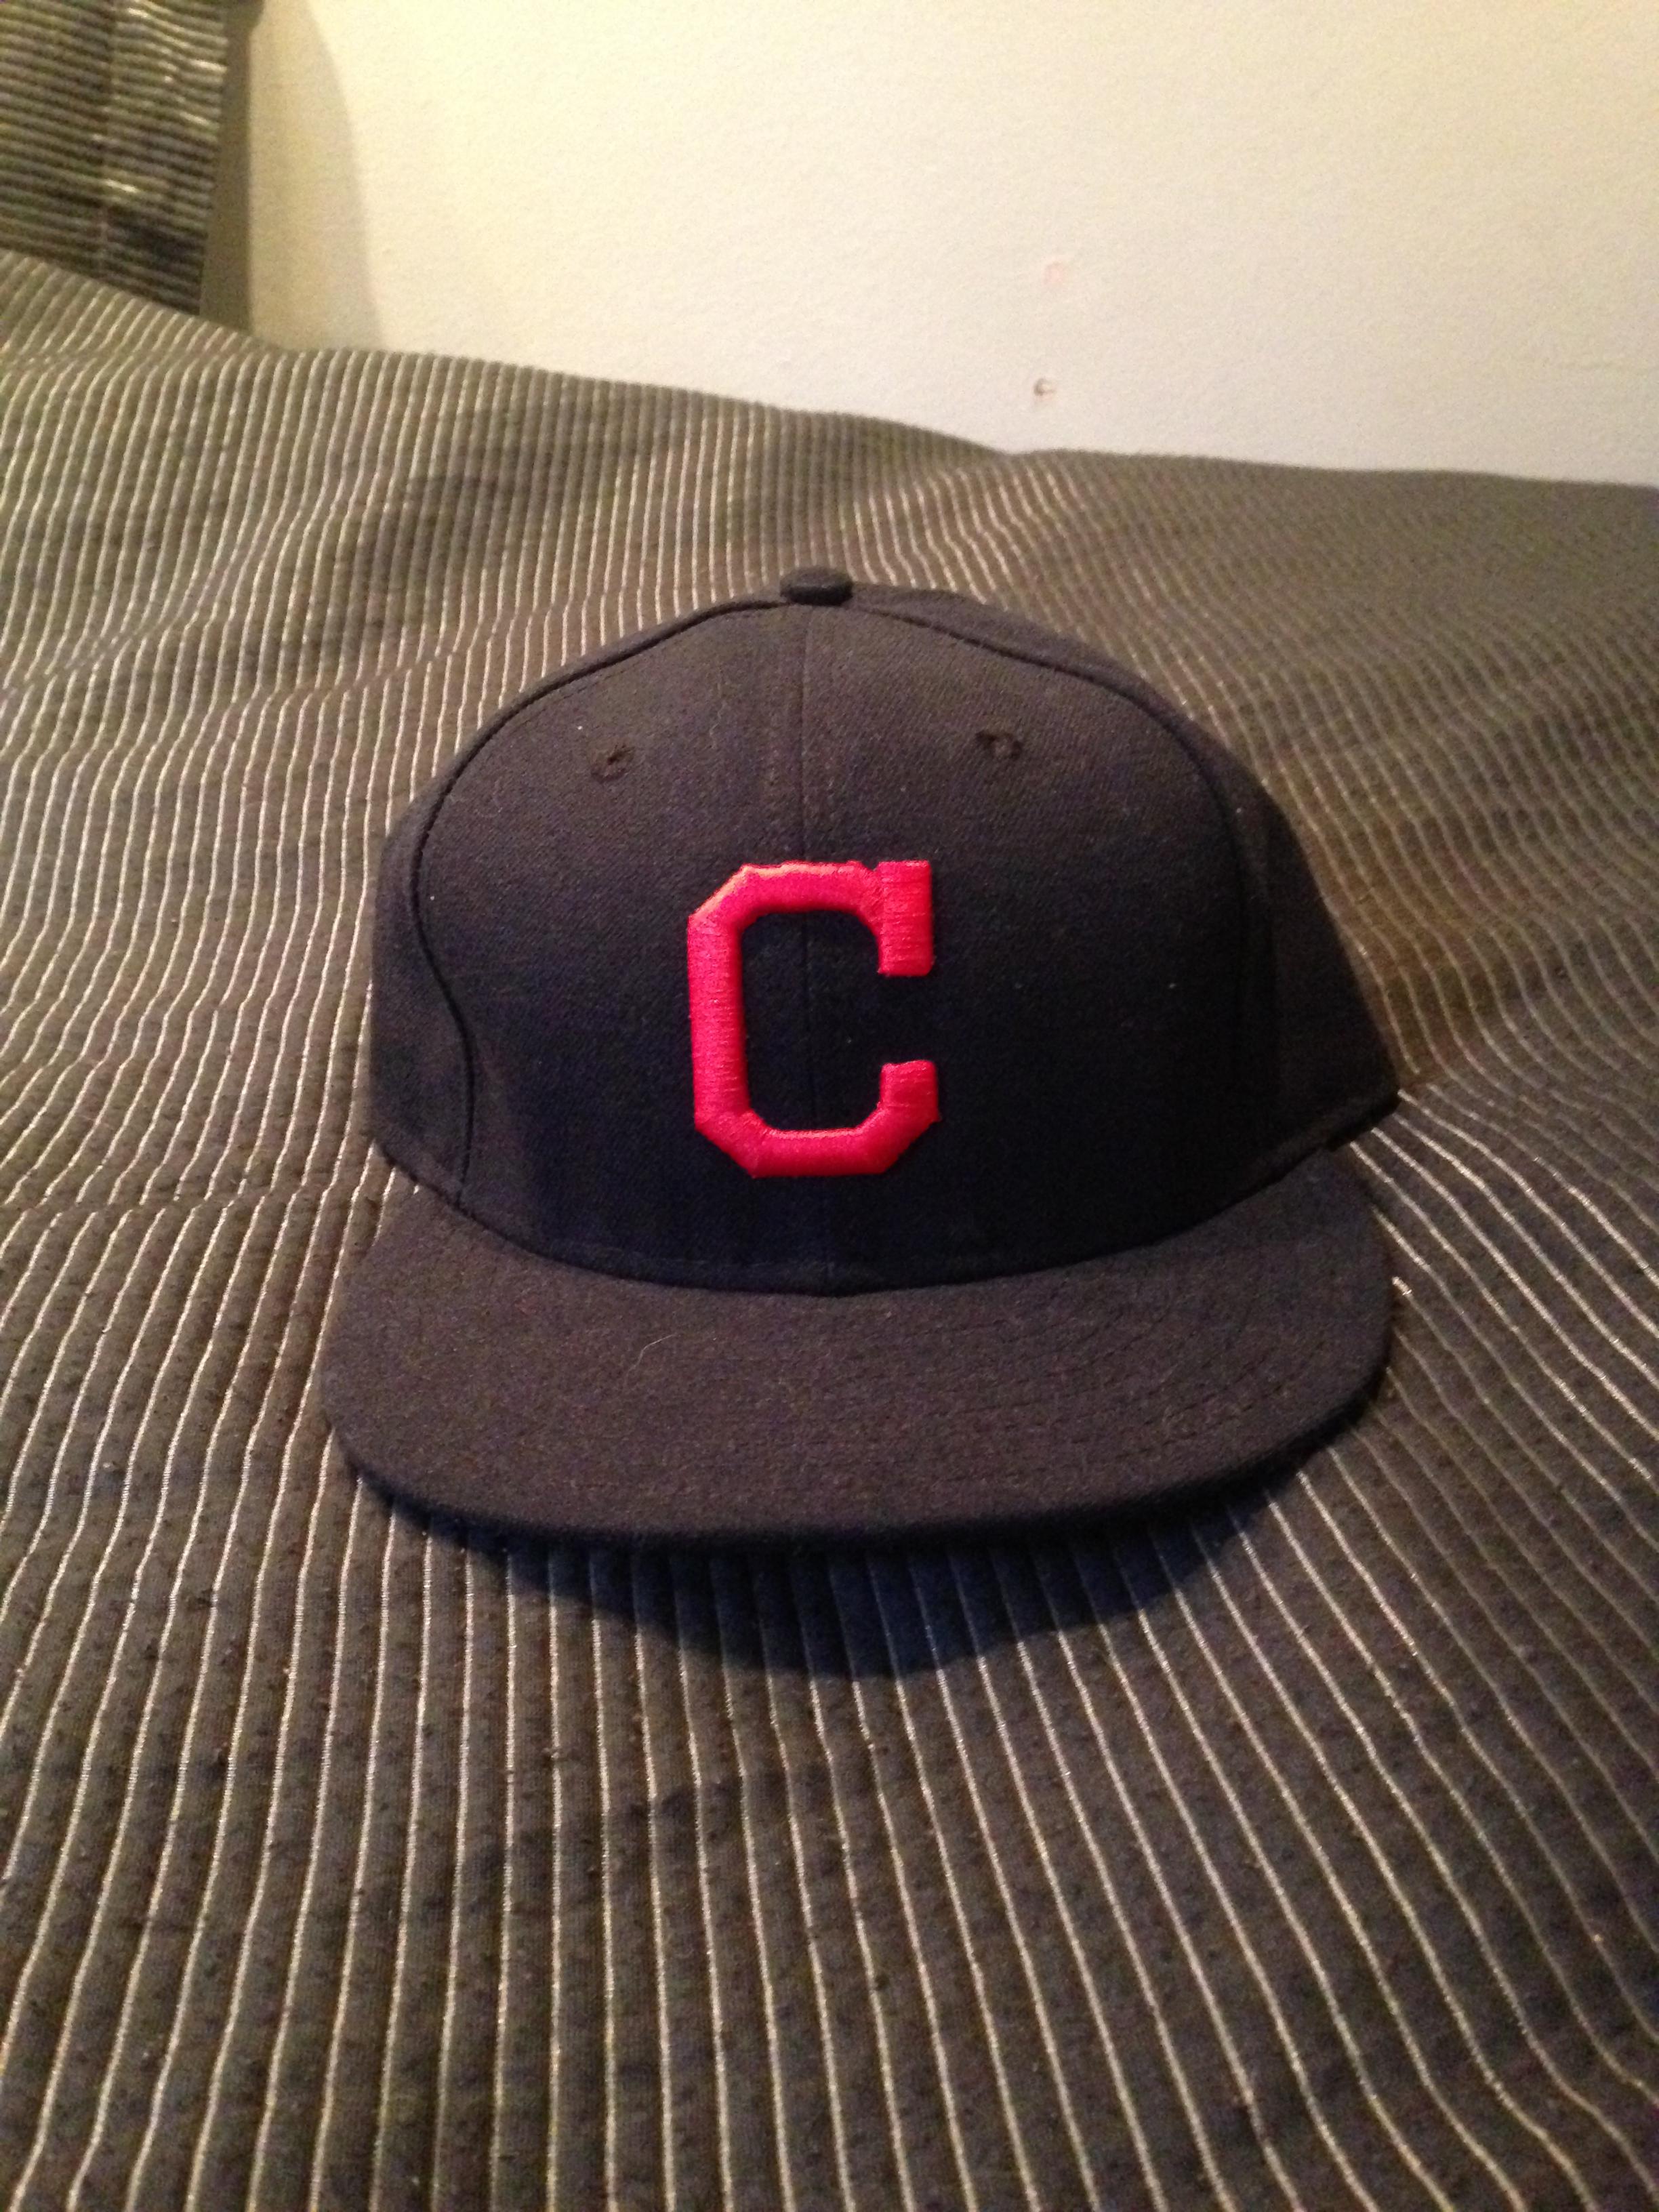 8d4e1b613a5 New Era Cleveland Indians Cap 7 5 8